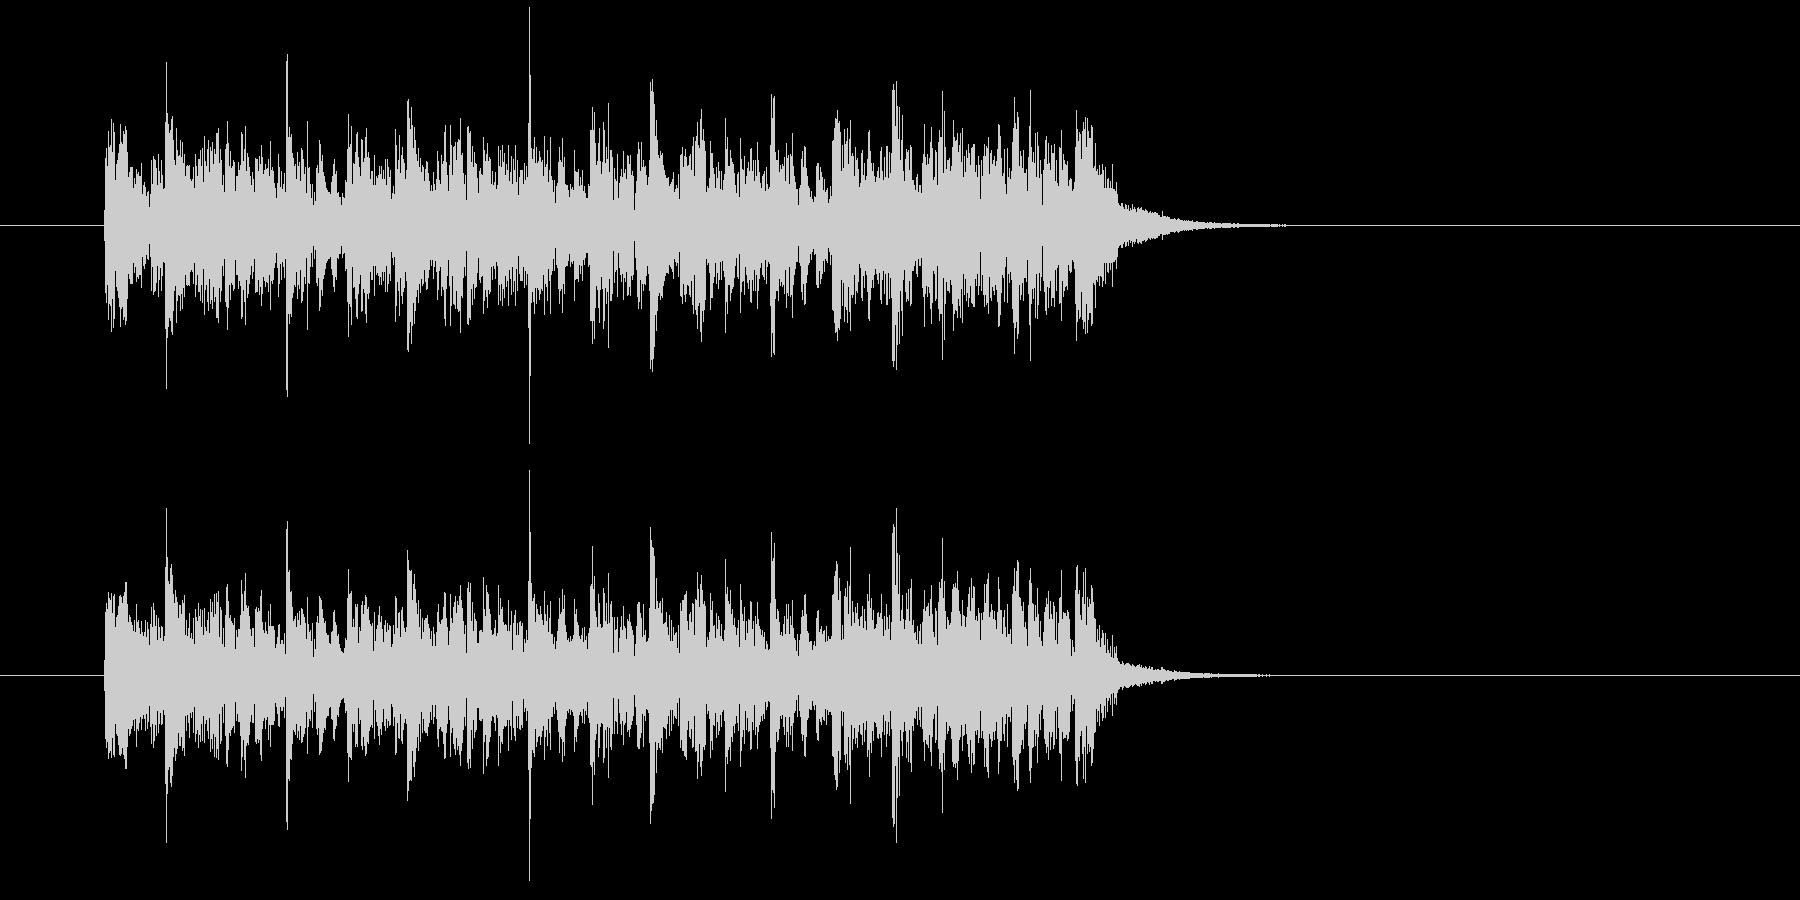 ジングル(ハード・テクノ風)の未再生の波形